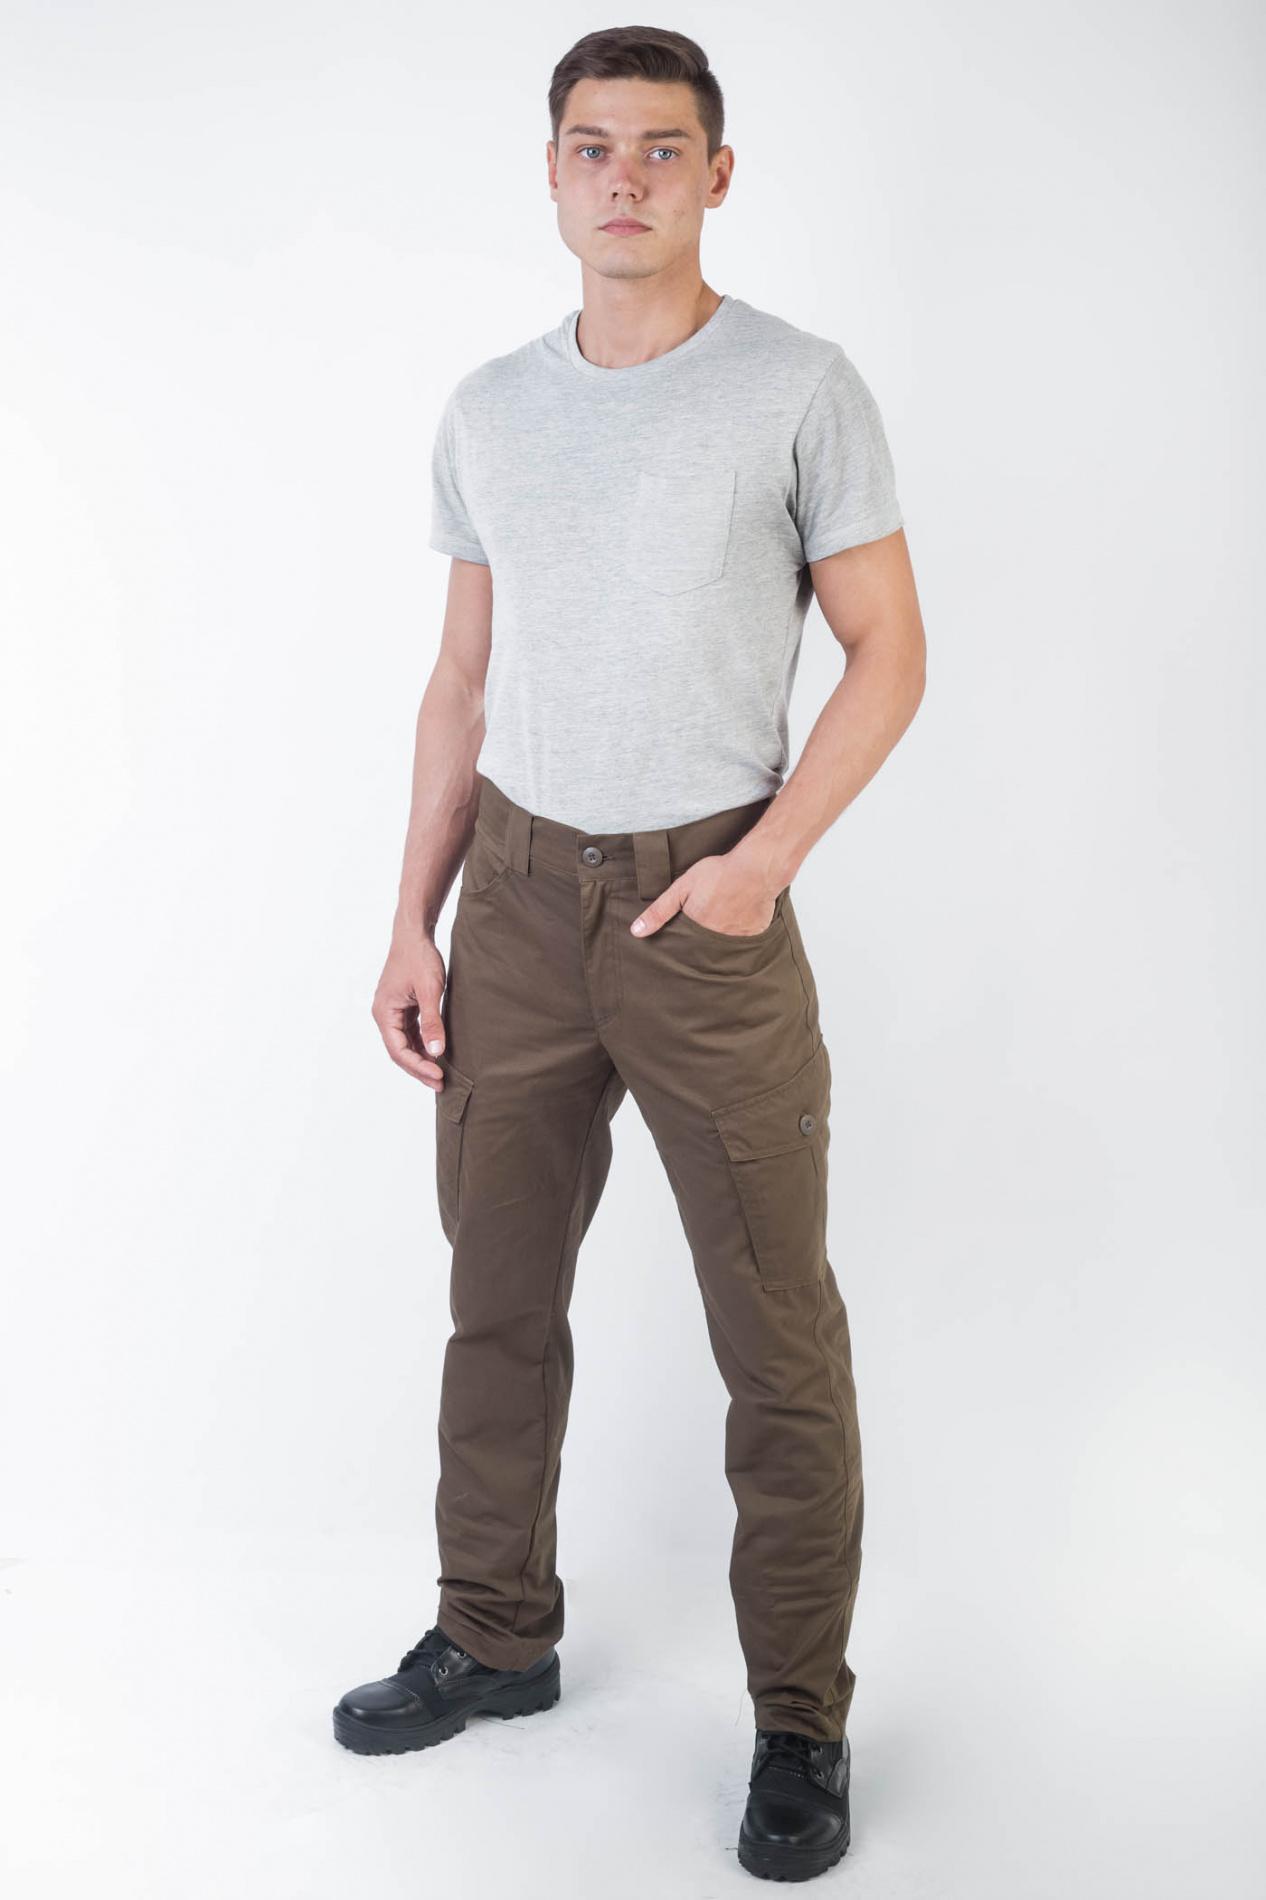 Брюки Беркут Коричневые(хлопок) TRITON (56-58/182-188)Брюки неутепленные<br>Удобные универсальные брюки, разработанные <br>для повседневной носки и активного отдыха <br>в летний период. Не стесняющие движения, <br>изготовленные из качественного материала <br>Рип Стоп. ОСОБЕННОСТИ: 1) Брюки прямые; <br>2) Пояс со шлёвками для ношения ремня; 3) 4 <br>функциональных кармана; 4) Кокетка на задней <br>половинке; 5) Застёжка-гульфик на молнии <br>с пуговицей. <br><br>Пол: мужской<br>Размер: 56-58<br>Рост: 182-188<br>Сезон: лето<br>Цвет: коричневый